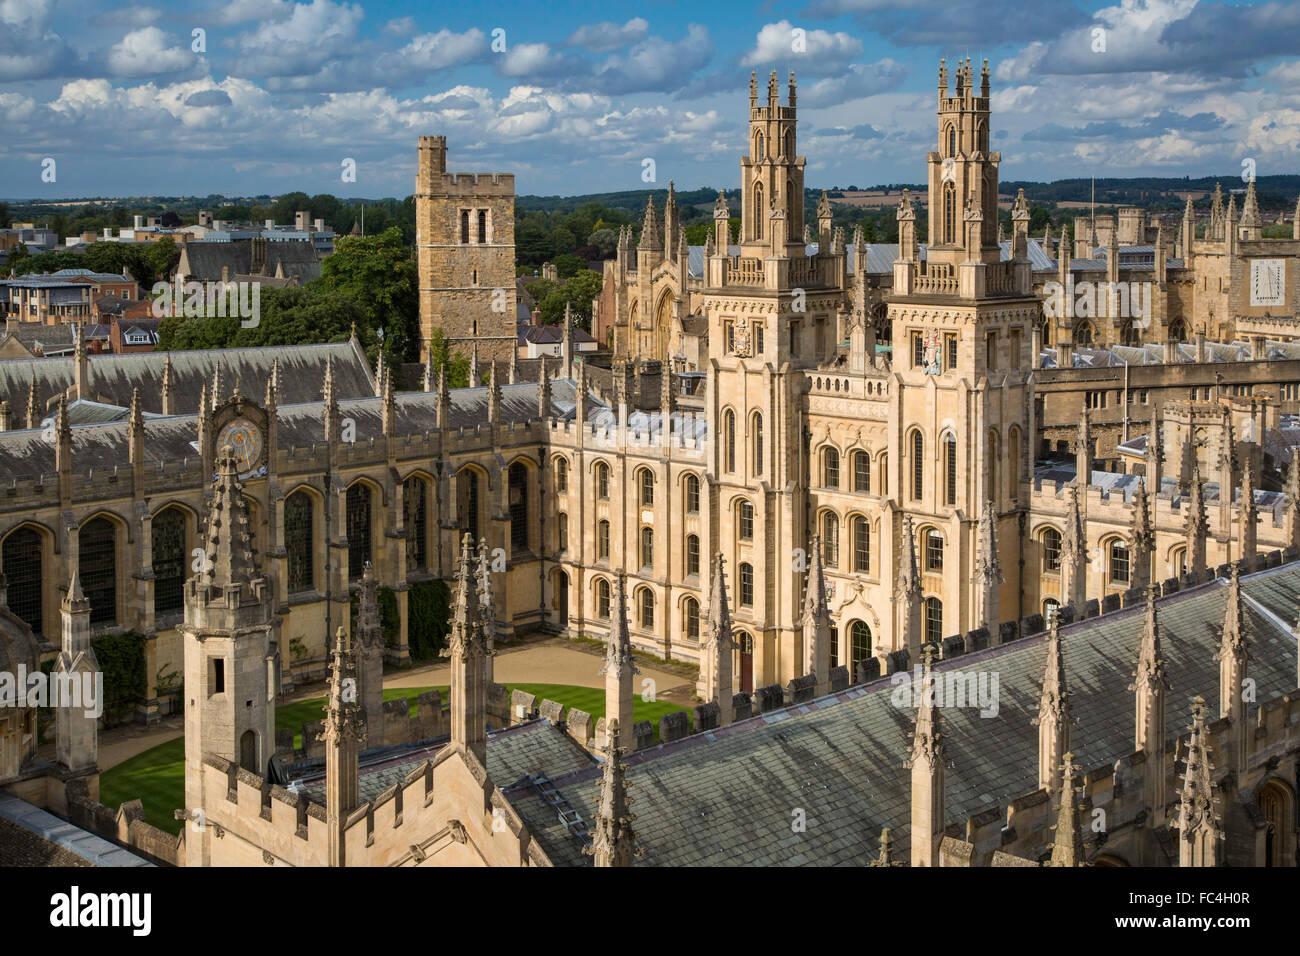 All Souls College y las numerosas torres de la Universidad de Oxford, Oxford, Inglaterra Imagen De Stock